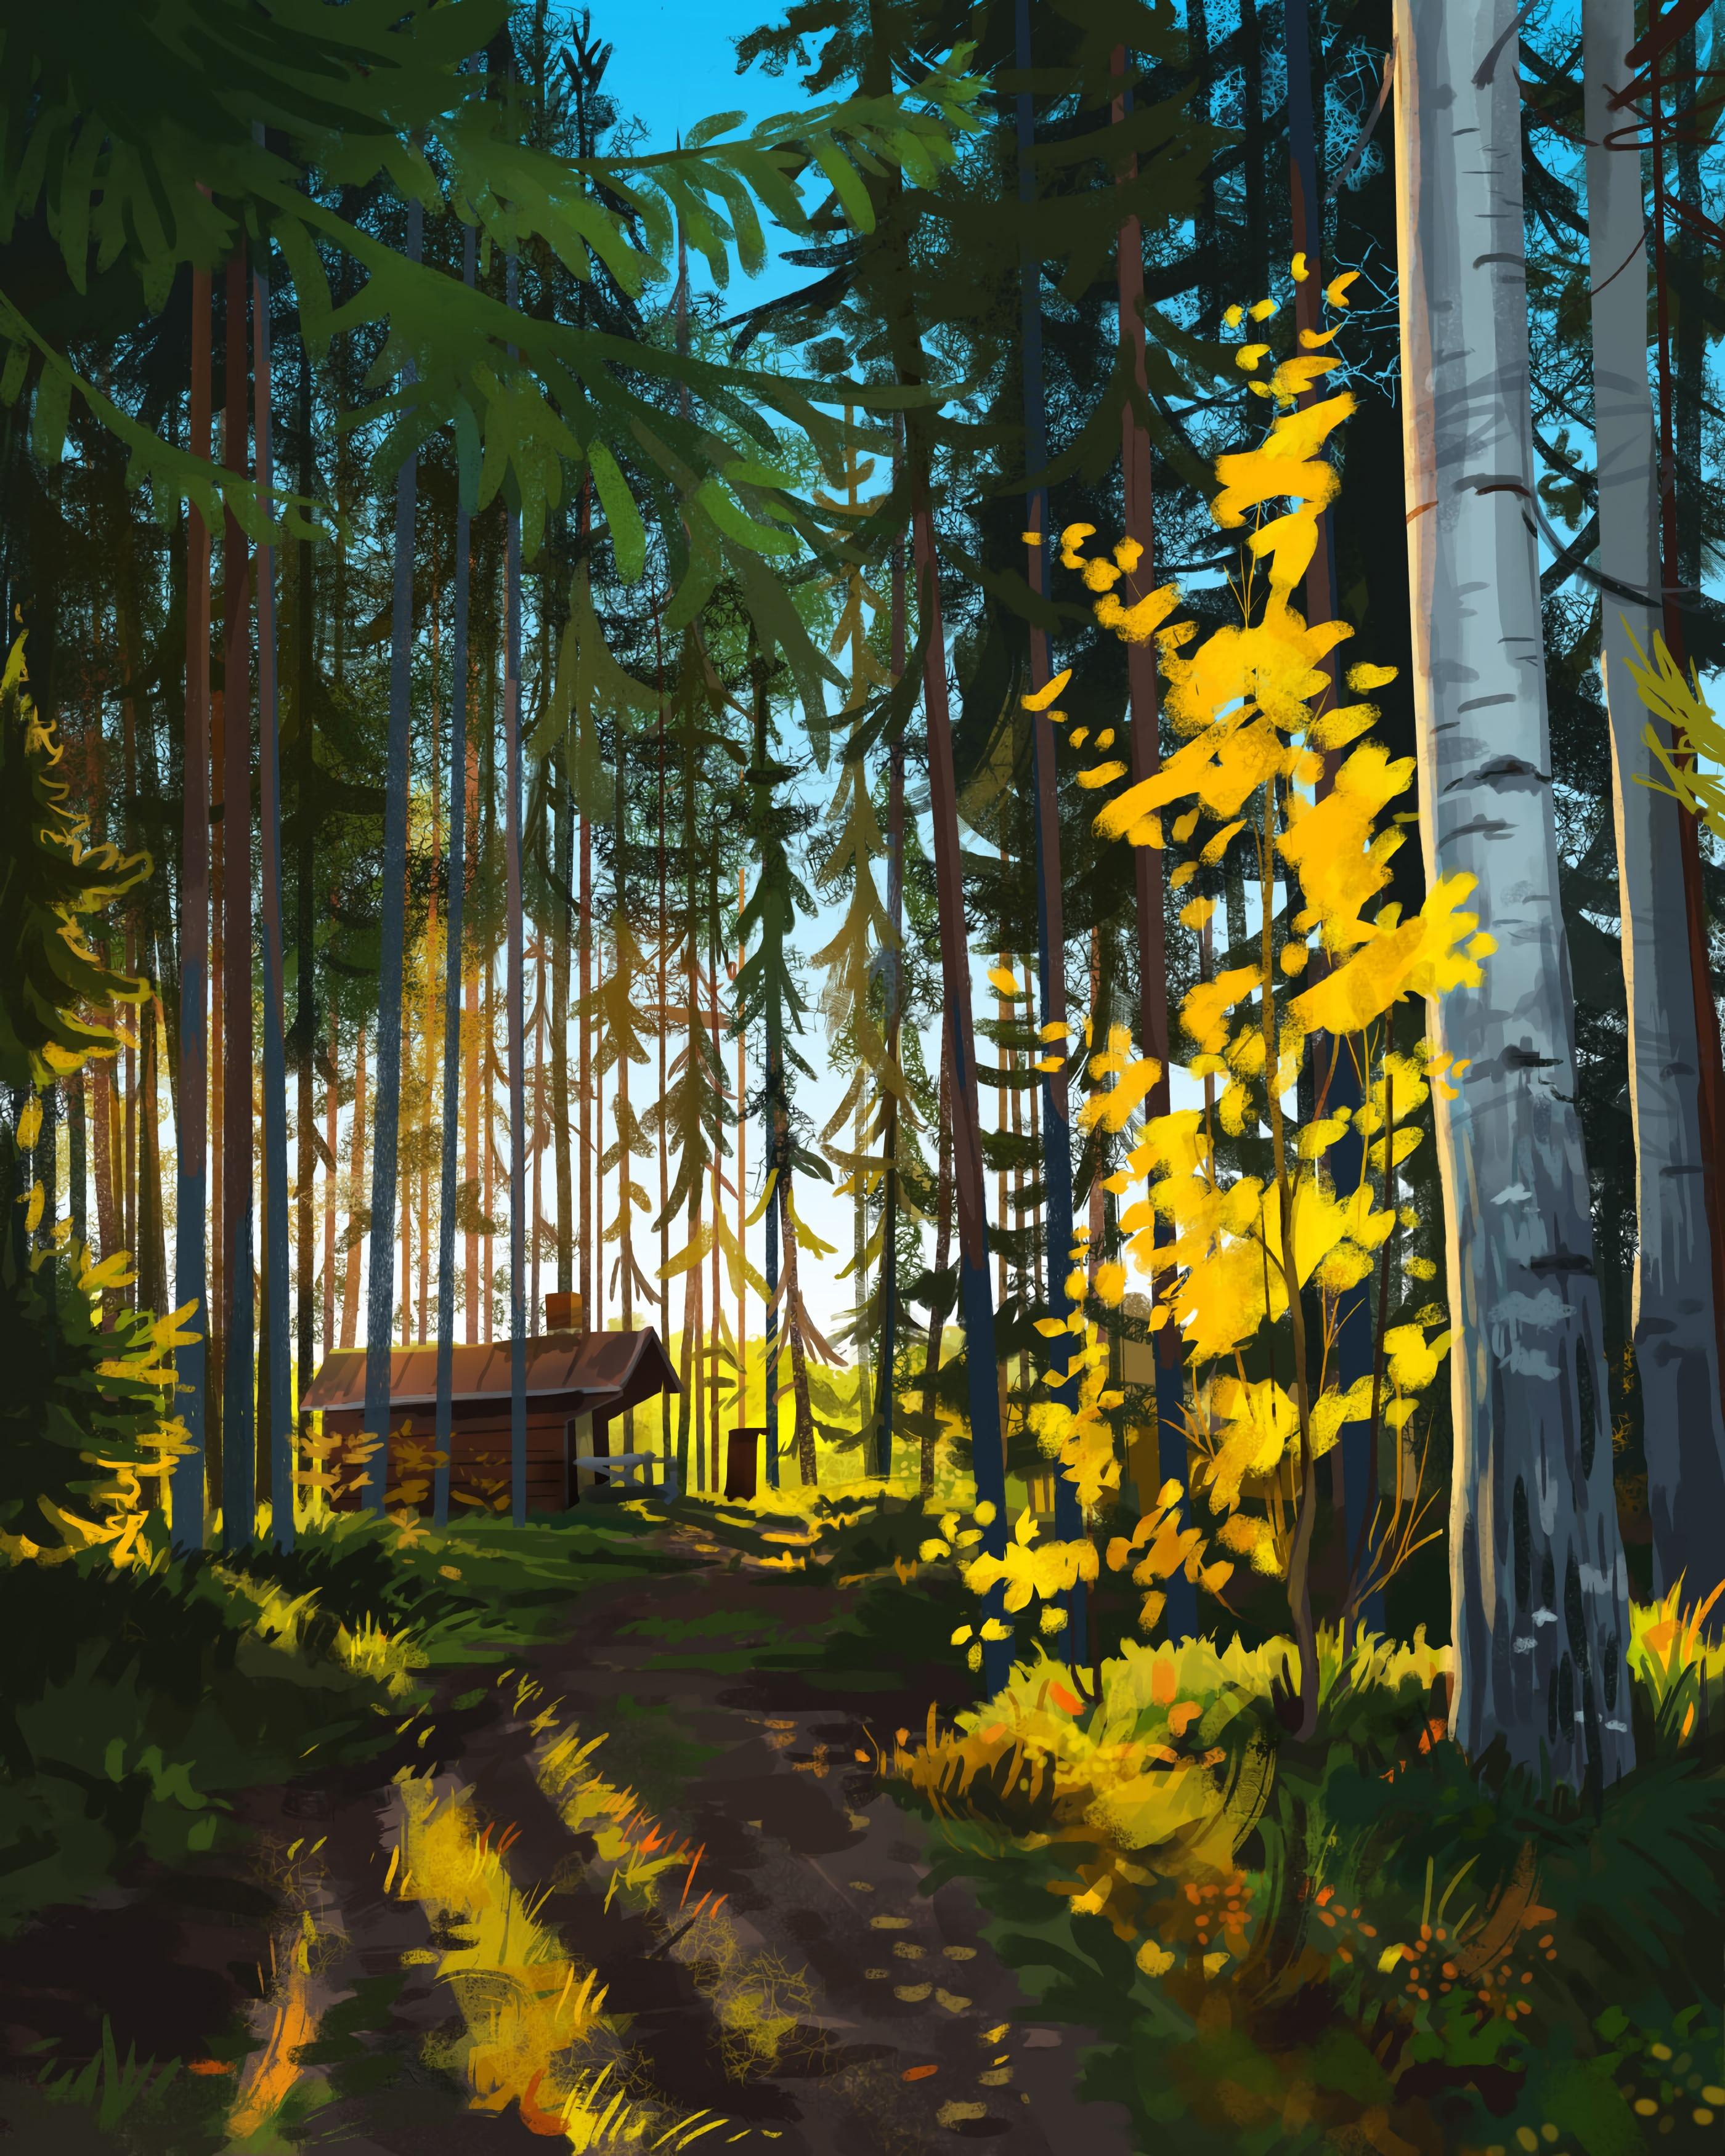 112022 papel de parede 720x1520 em seu telefone gratuitamente, baixe imagens Paisagem, Arte, Floresta, Lar, Casa 720x1520 em seu celular